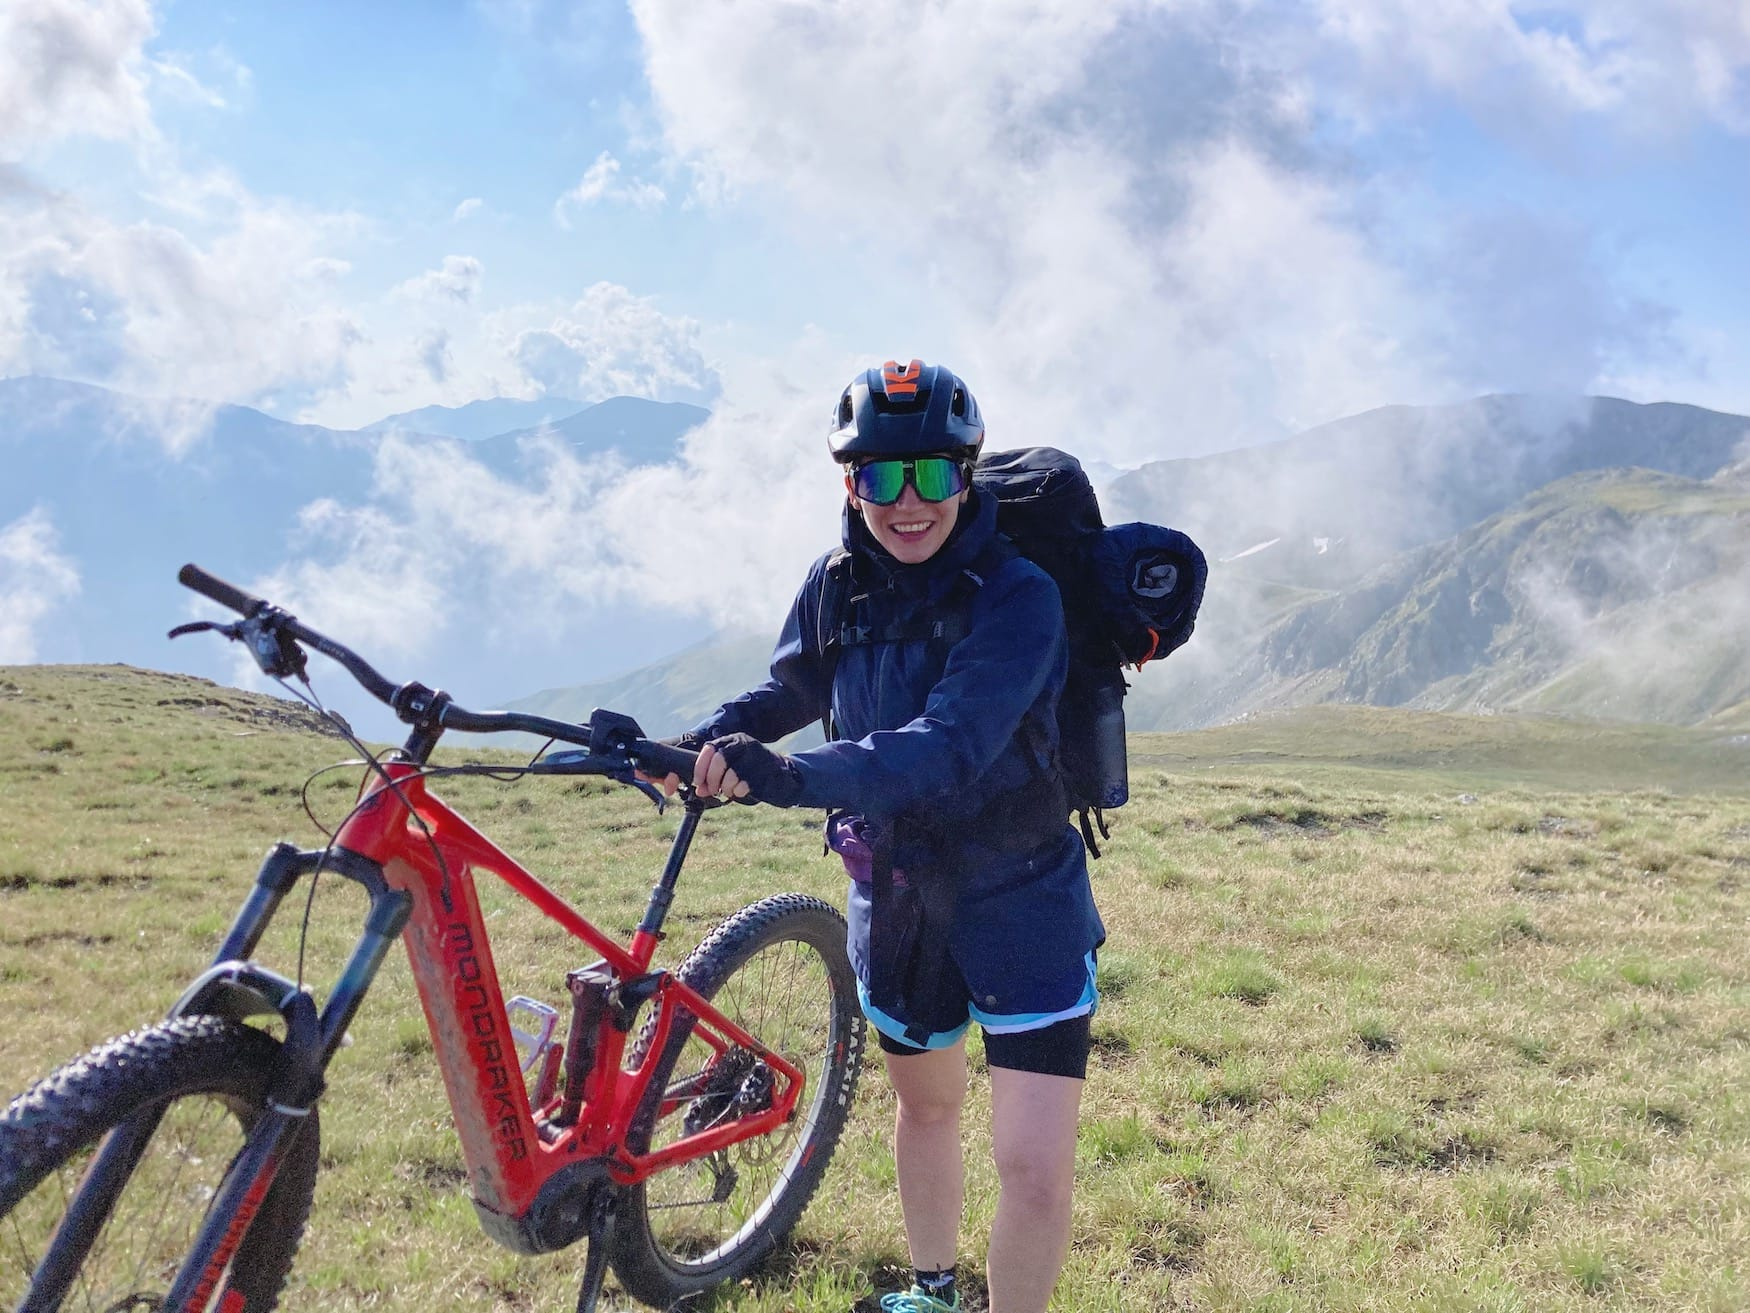 Unsere Autorin hat sich im E-Mountainbiken probiert.